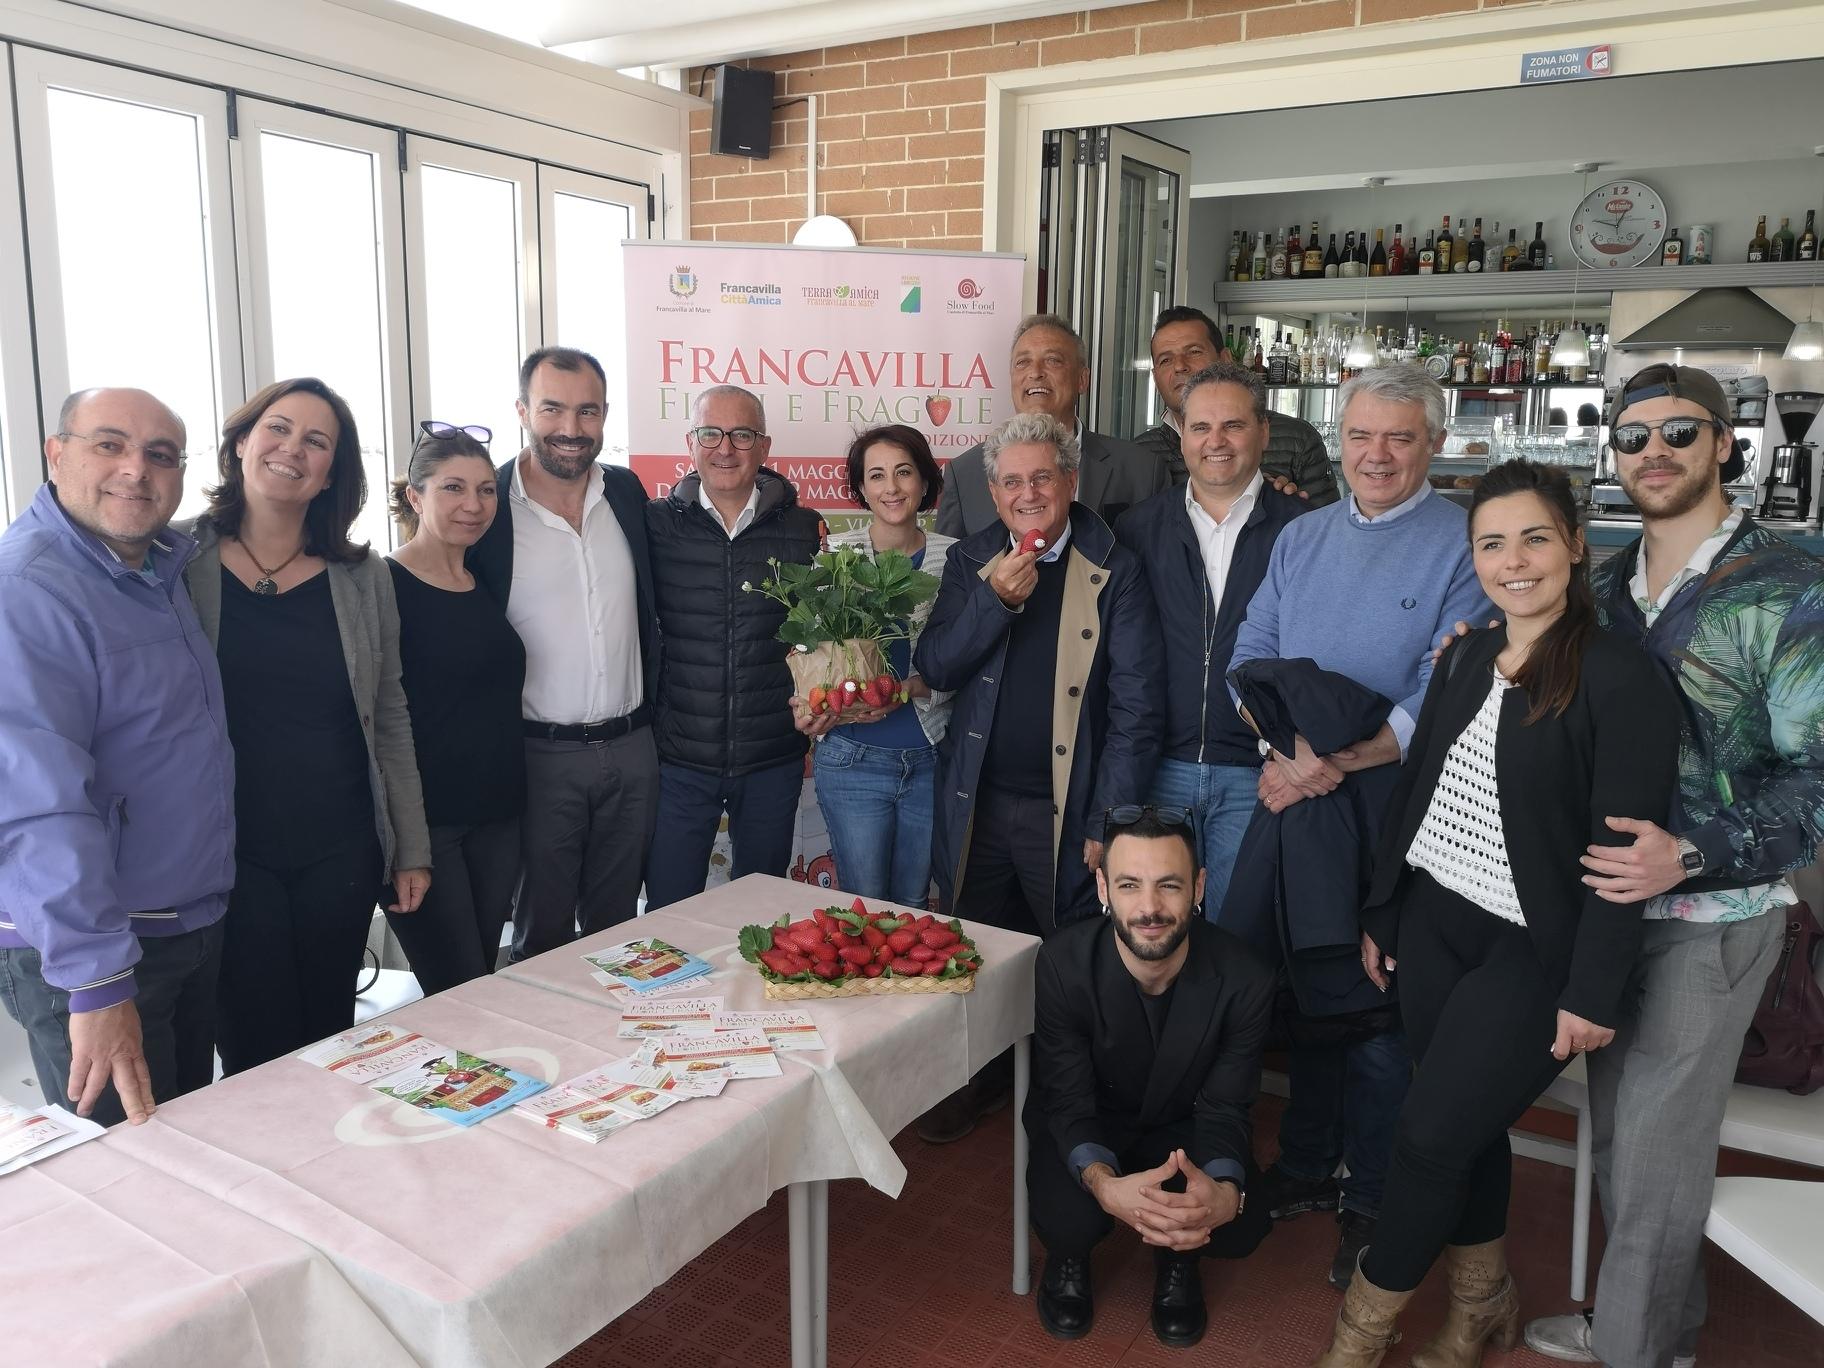 Francavilla Fiori e Fragole, torna il grande appuntamento sul lungomare Tosti